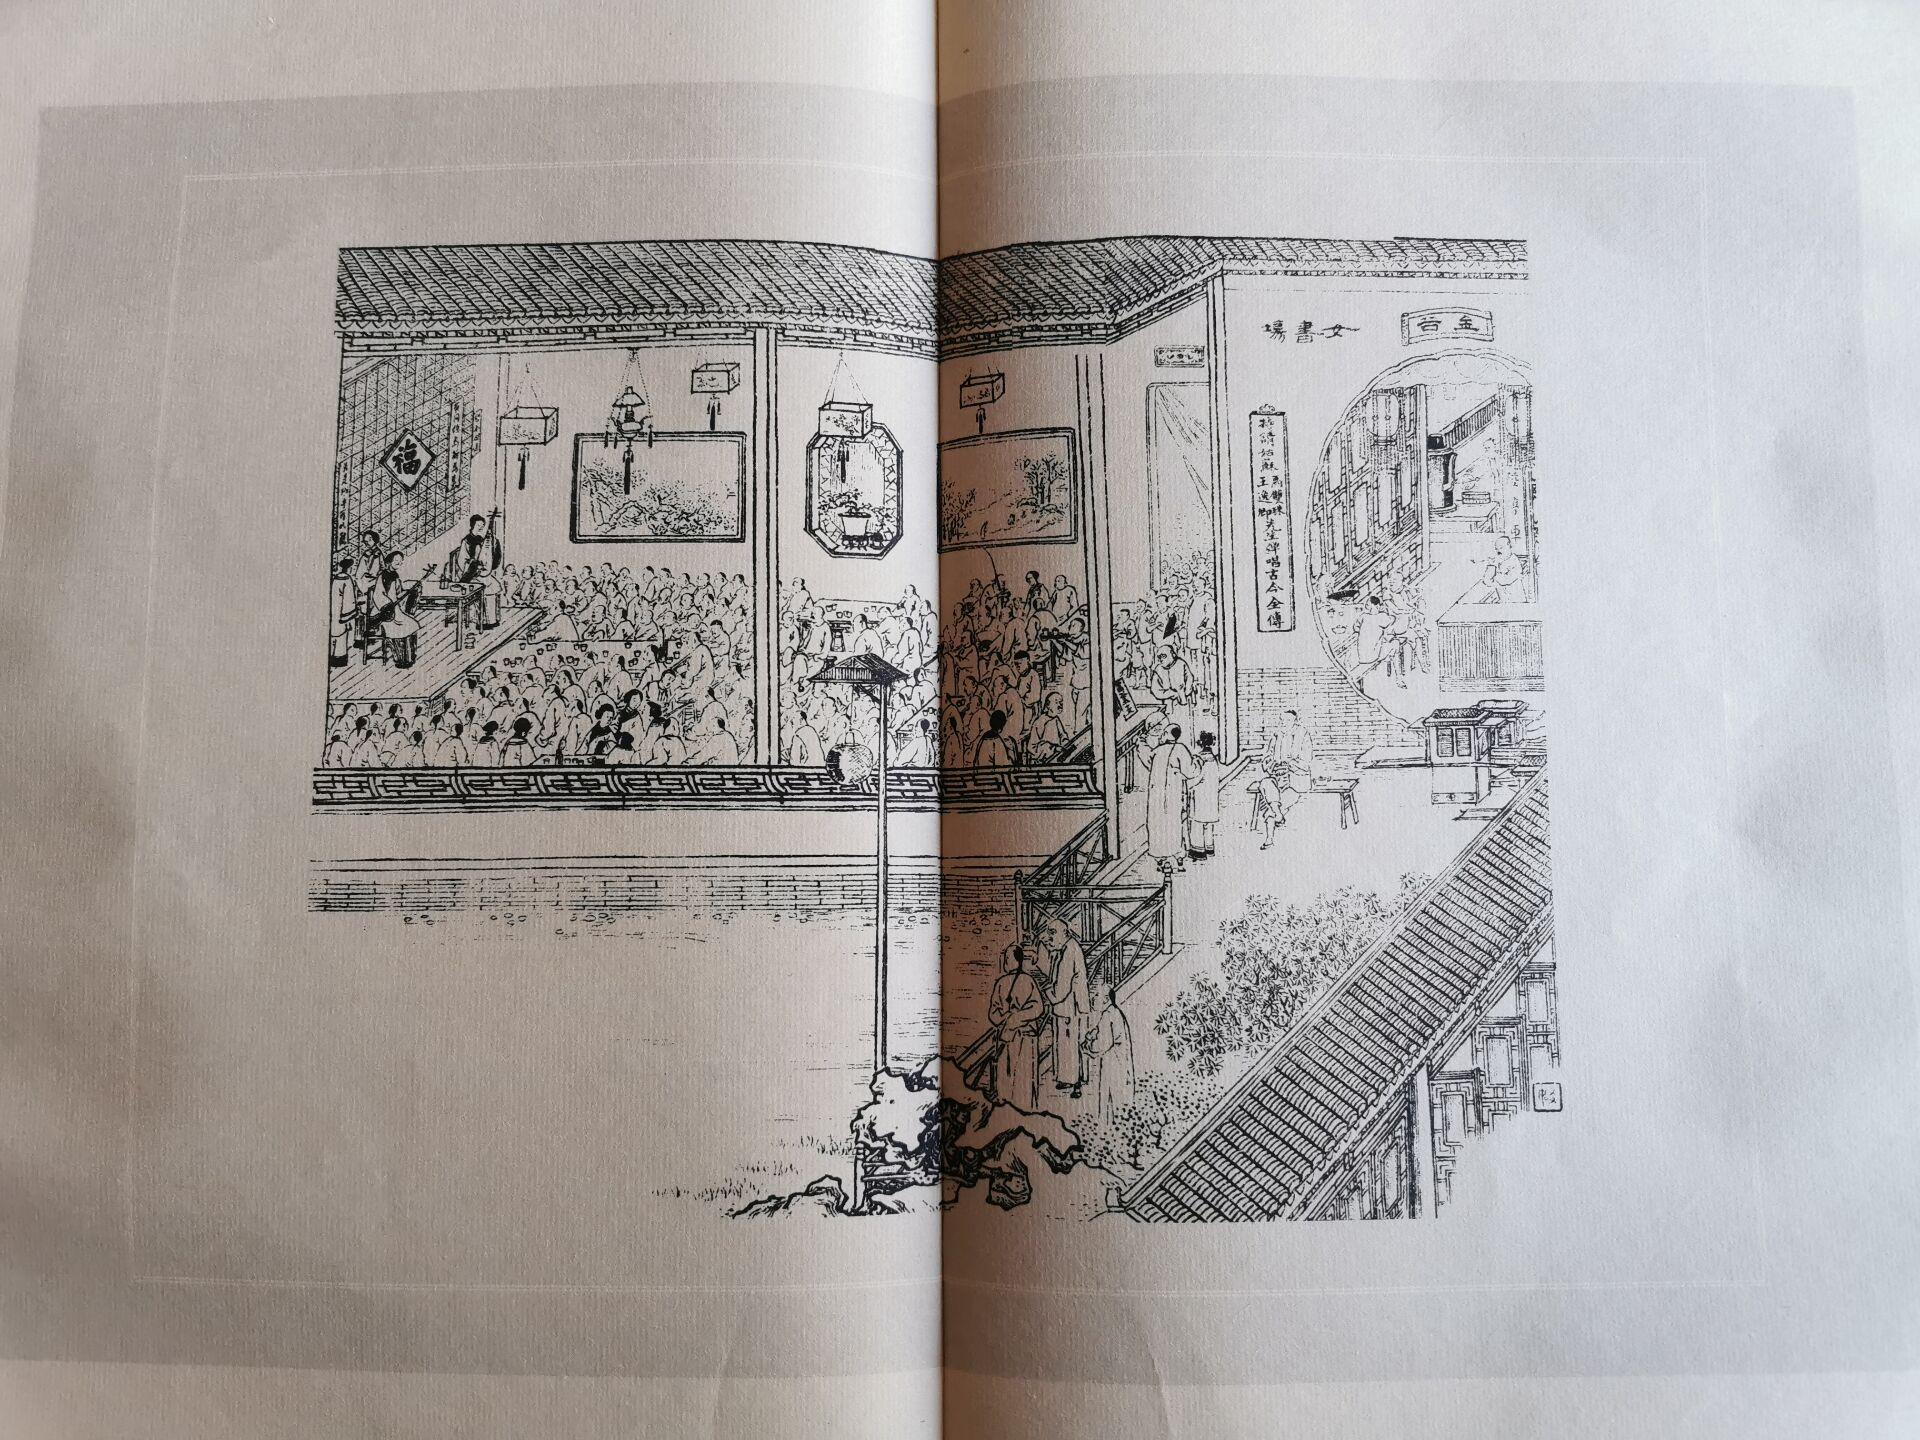 读《申江胜景图》2.jpg